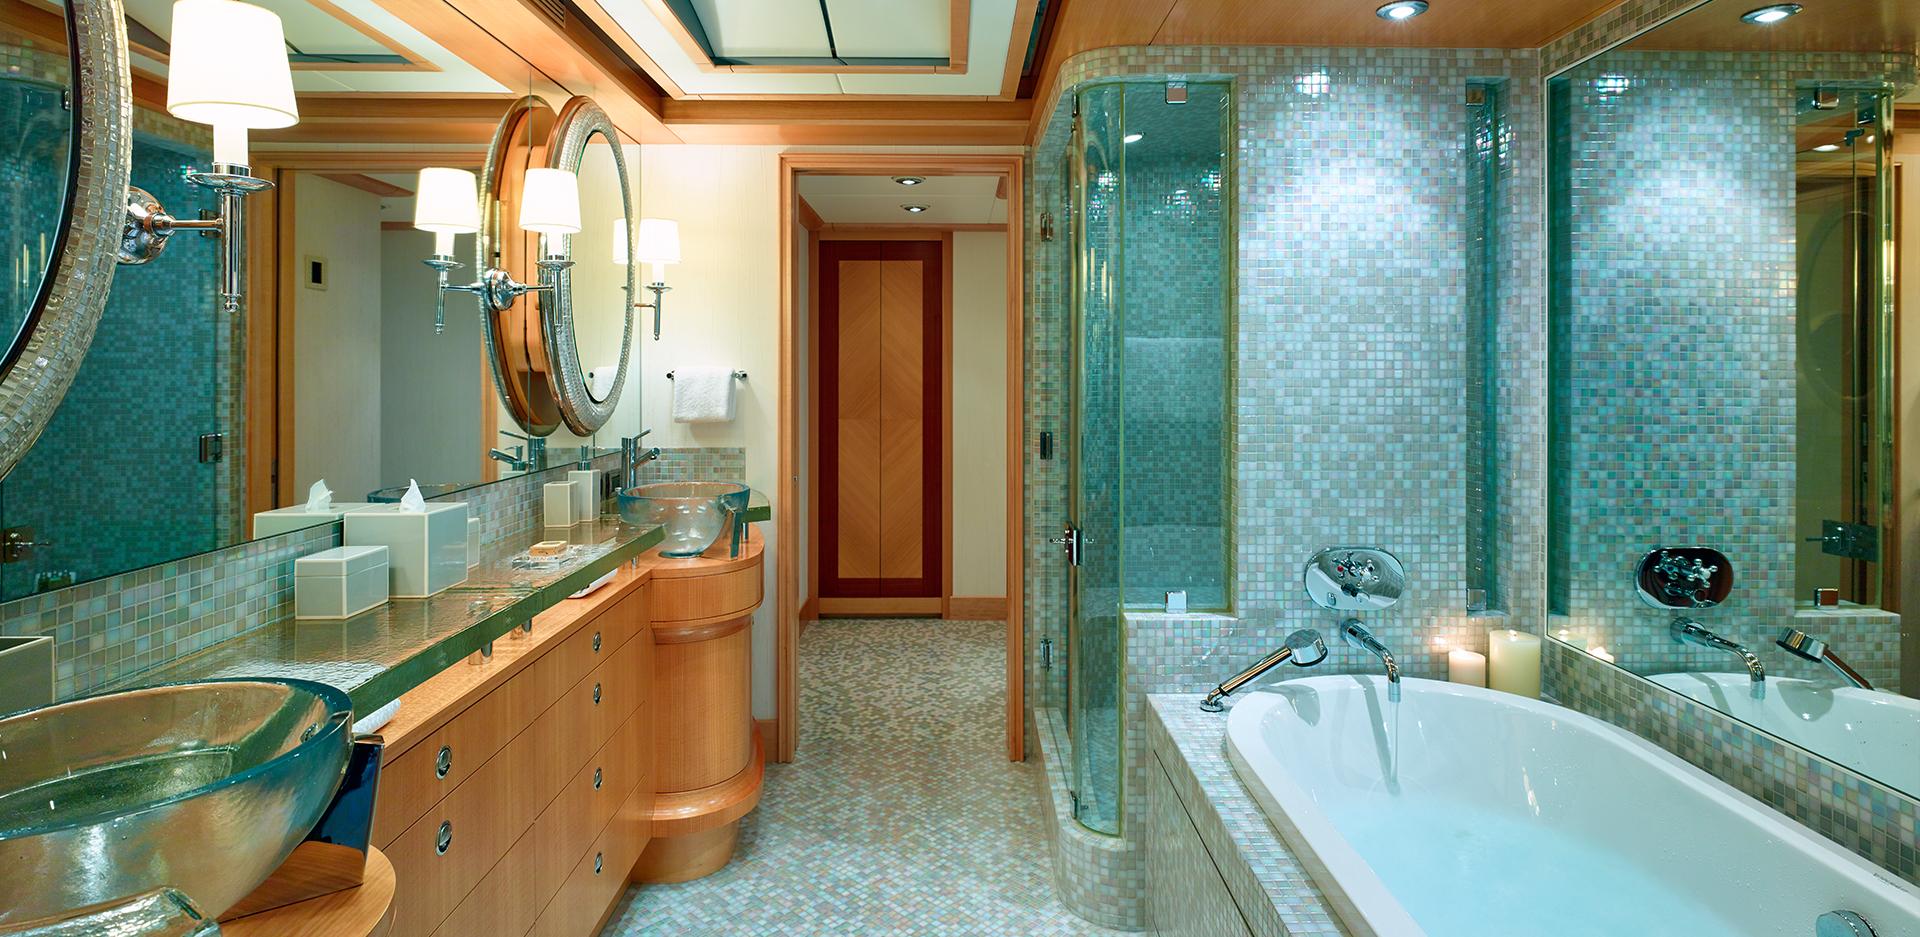 Owner Deck - Bathroom